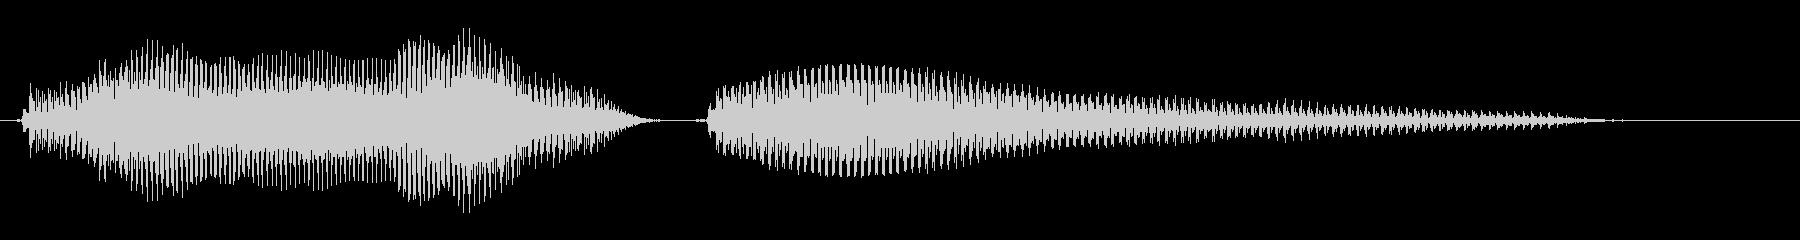 びっくりチキン大 標準の未再生の波形